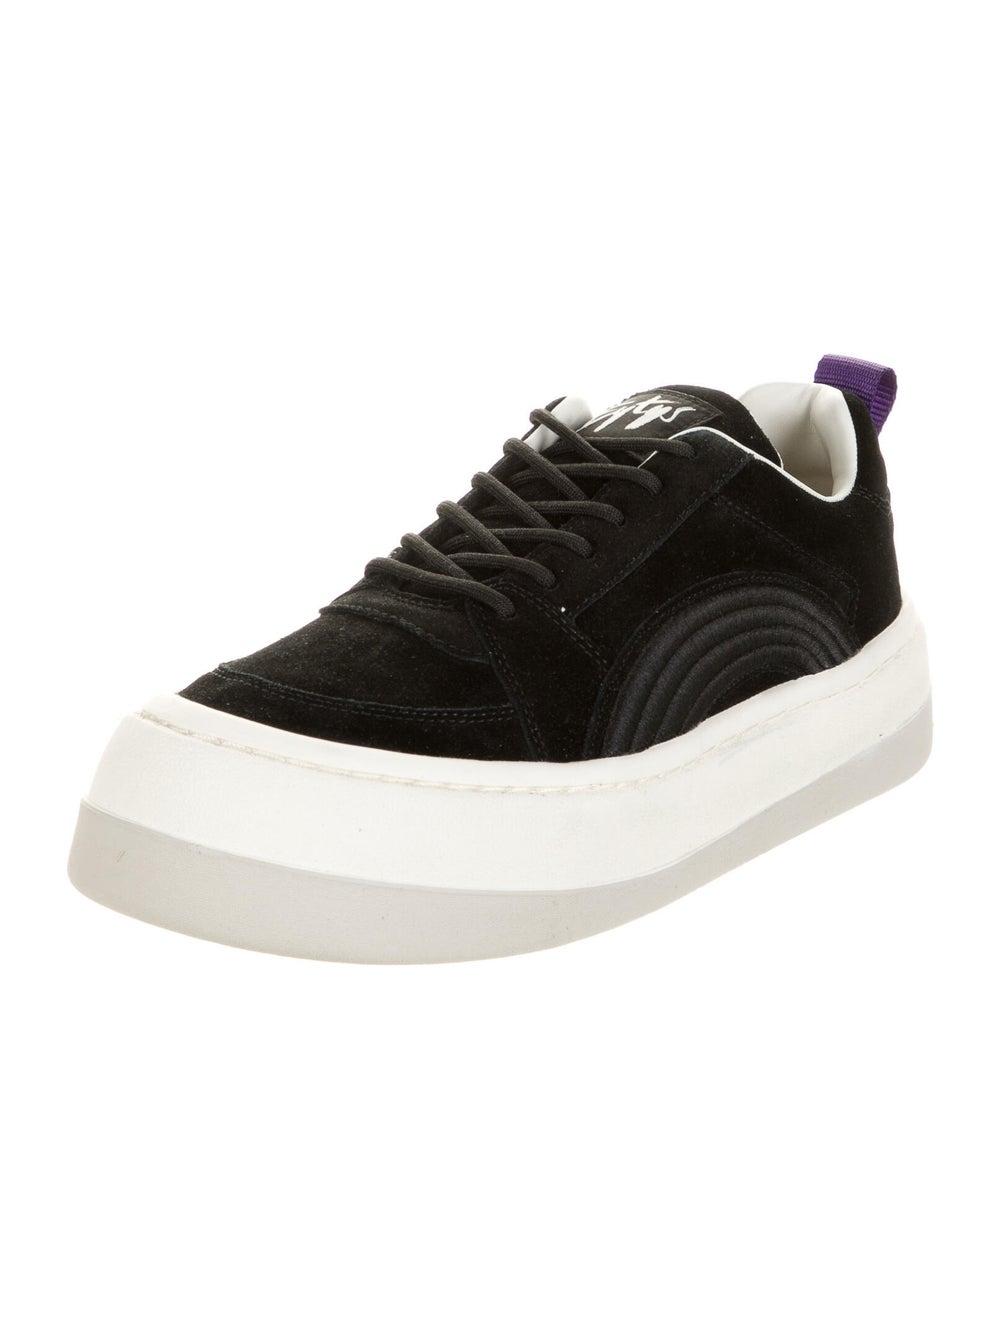 Eytys Suede Sneakers Black - image 2